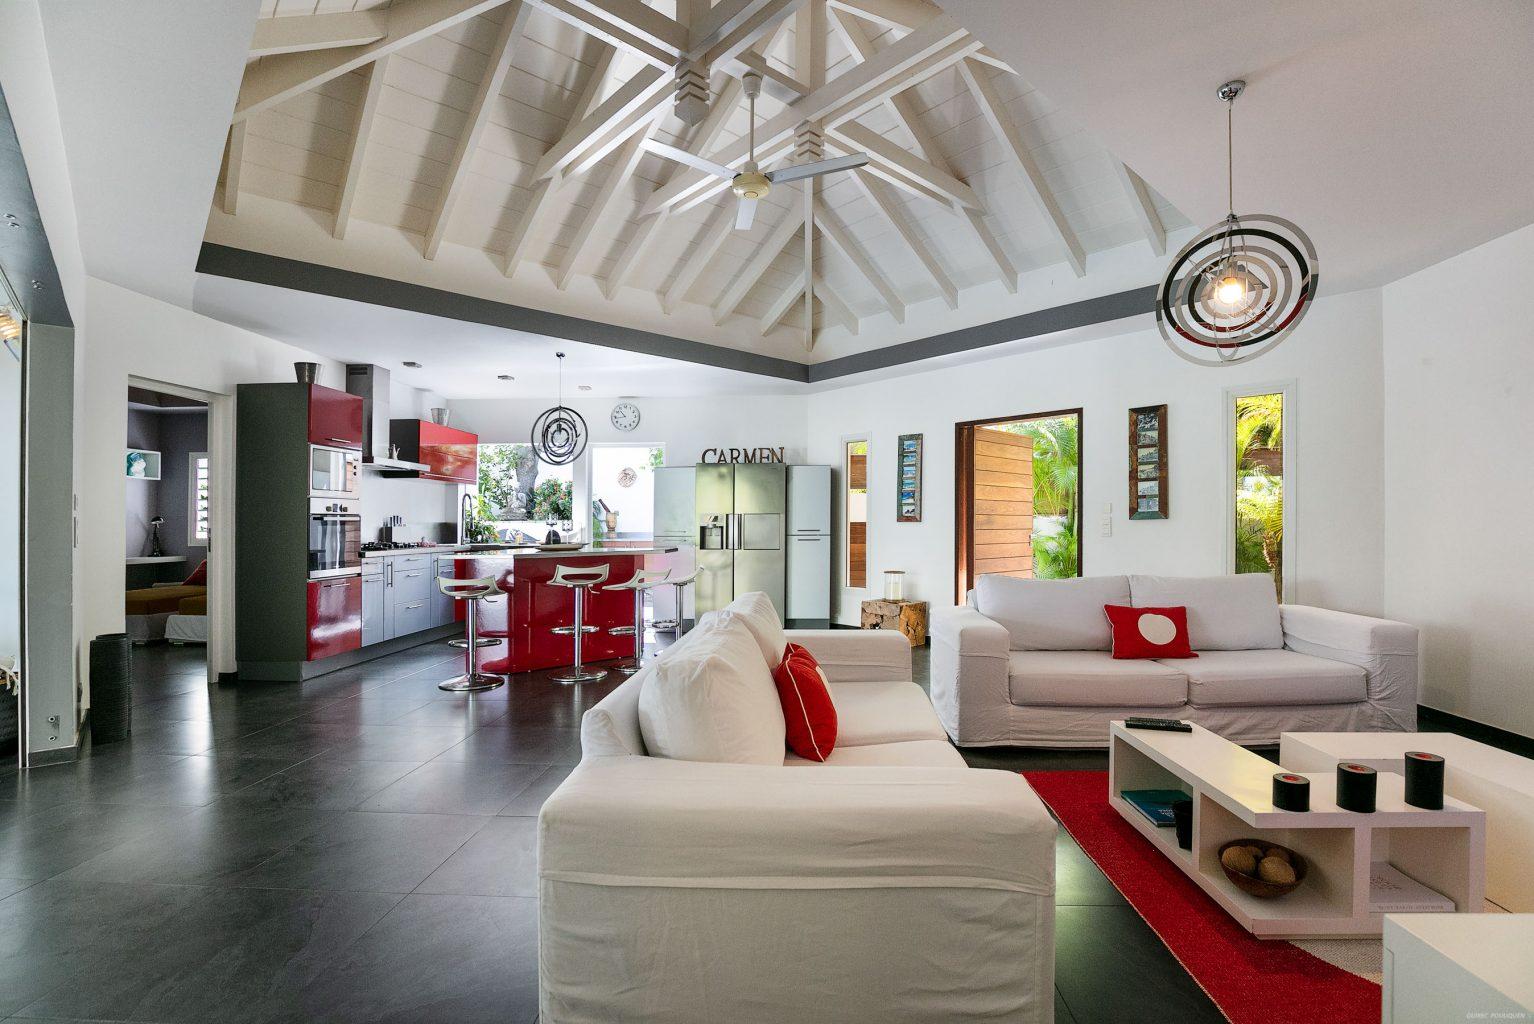 Villa Carmen - Child Friendly Villa for Rent St Barth Located in Vitet - Main Area